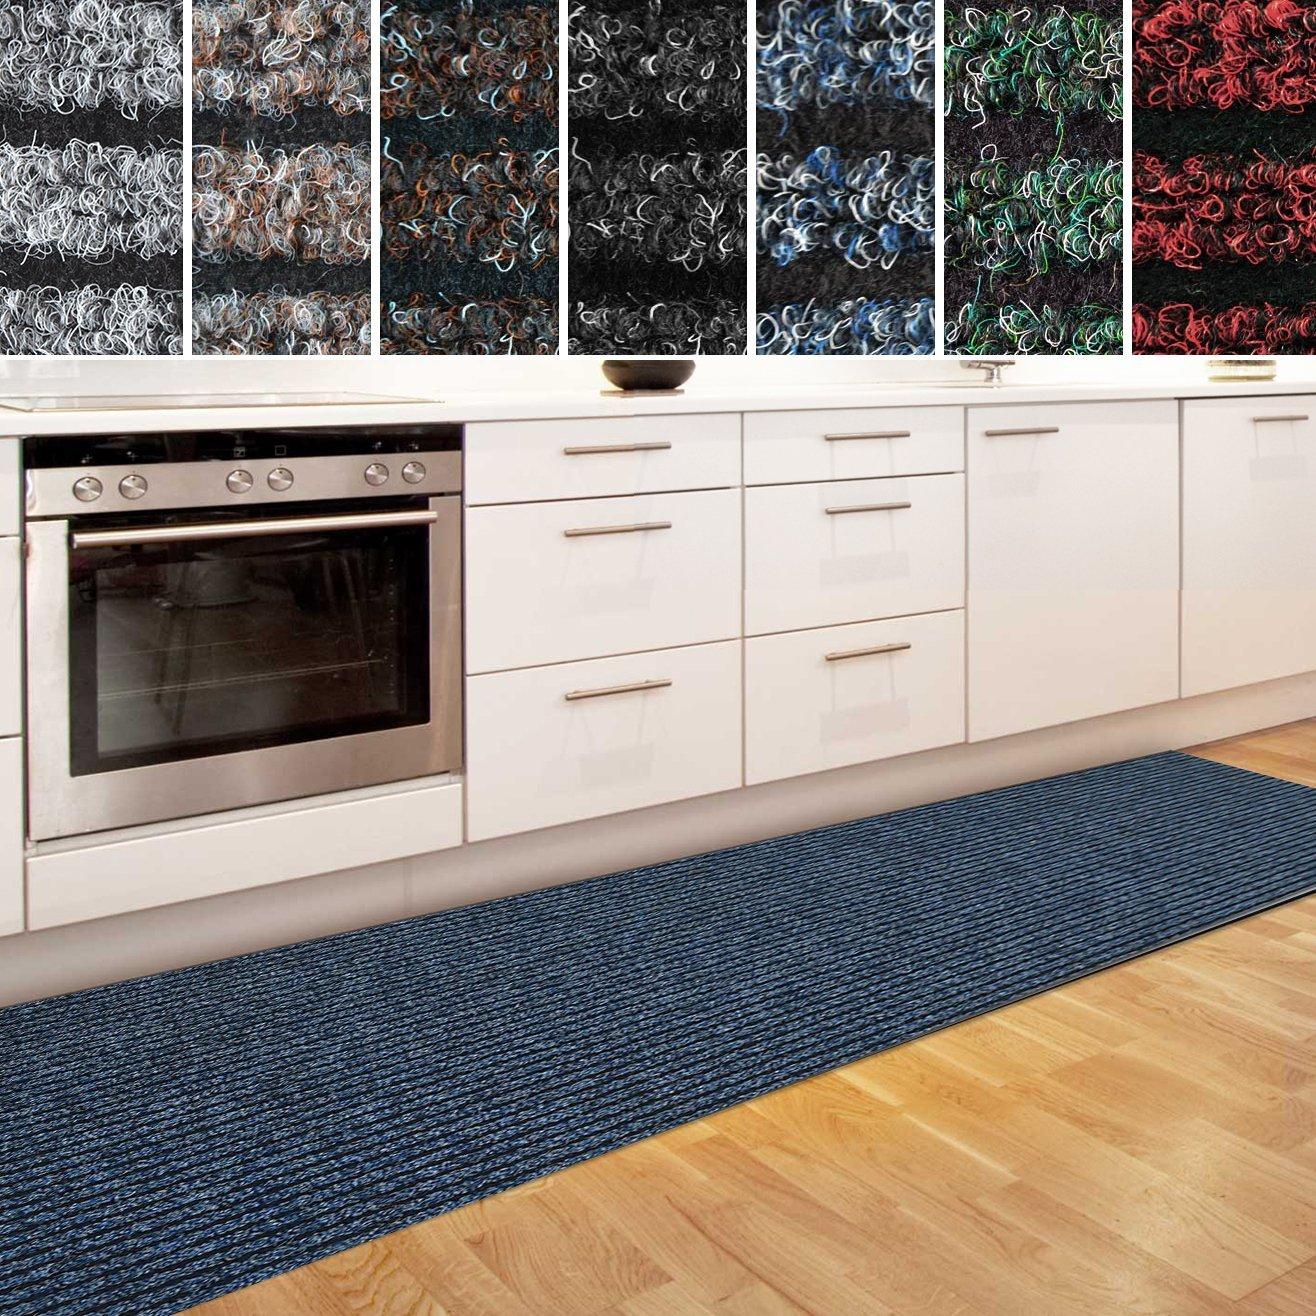 Casa pura Küchenläufer Granada in großer Auswahl   strapazierfähiger Teppich Läufer für Küche Flur UVM.   Rutschfester Teppichläufer Flurläufer für alle Böden (80x450 cm Blau)